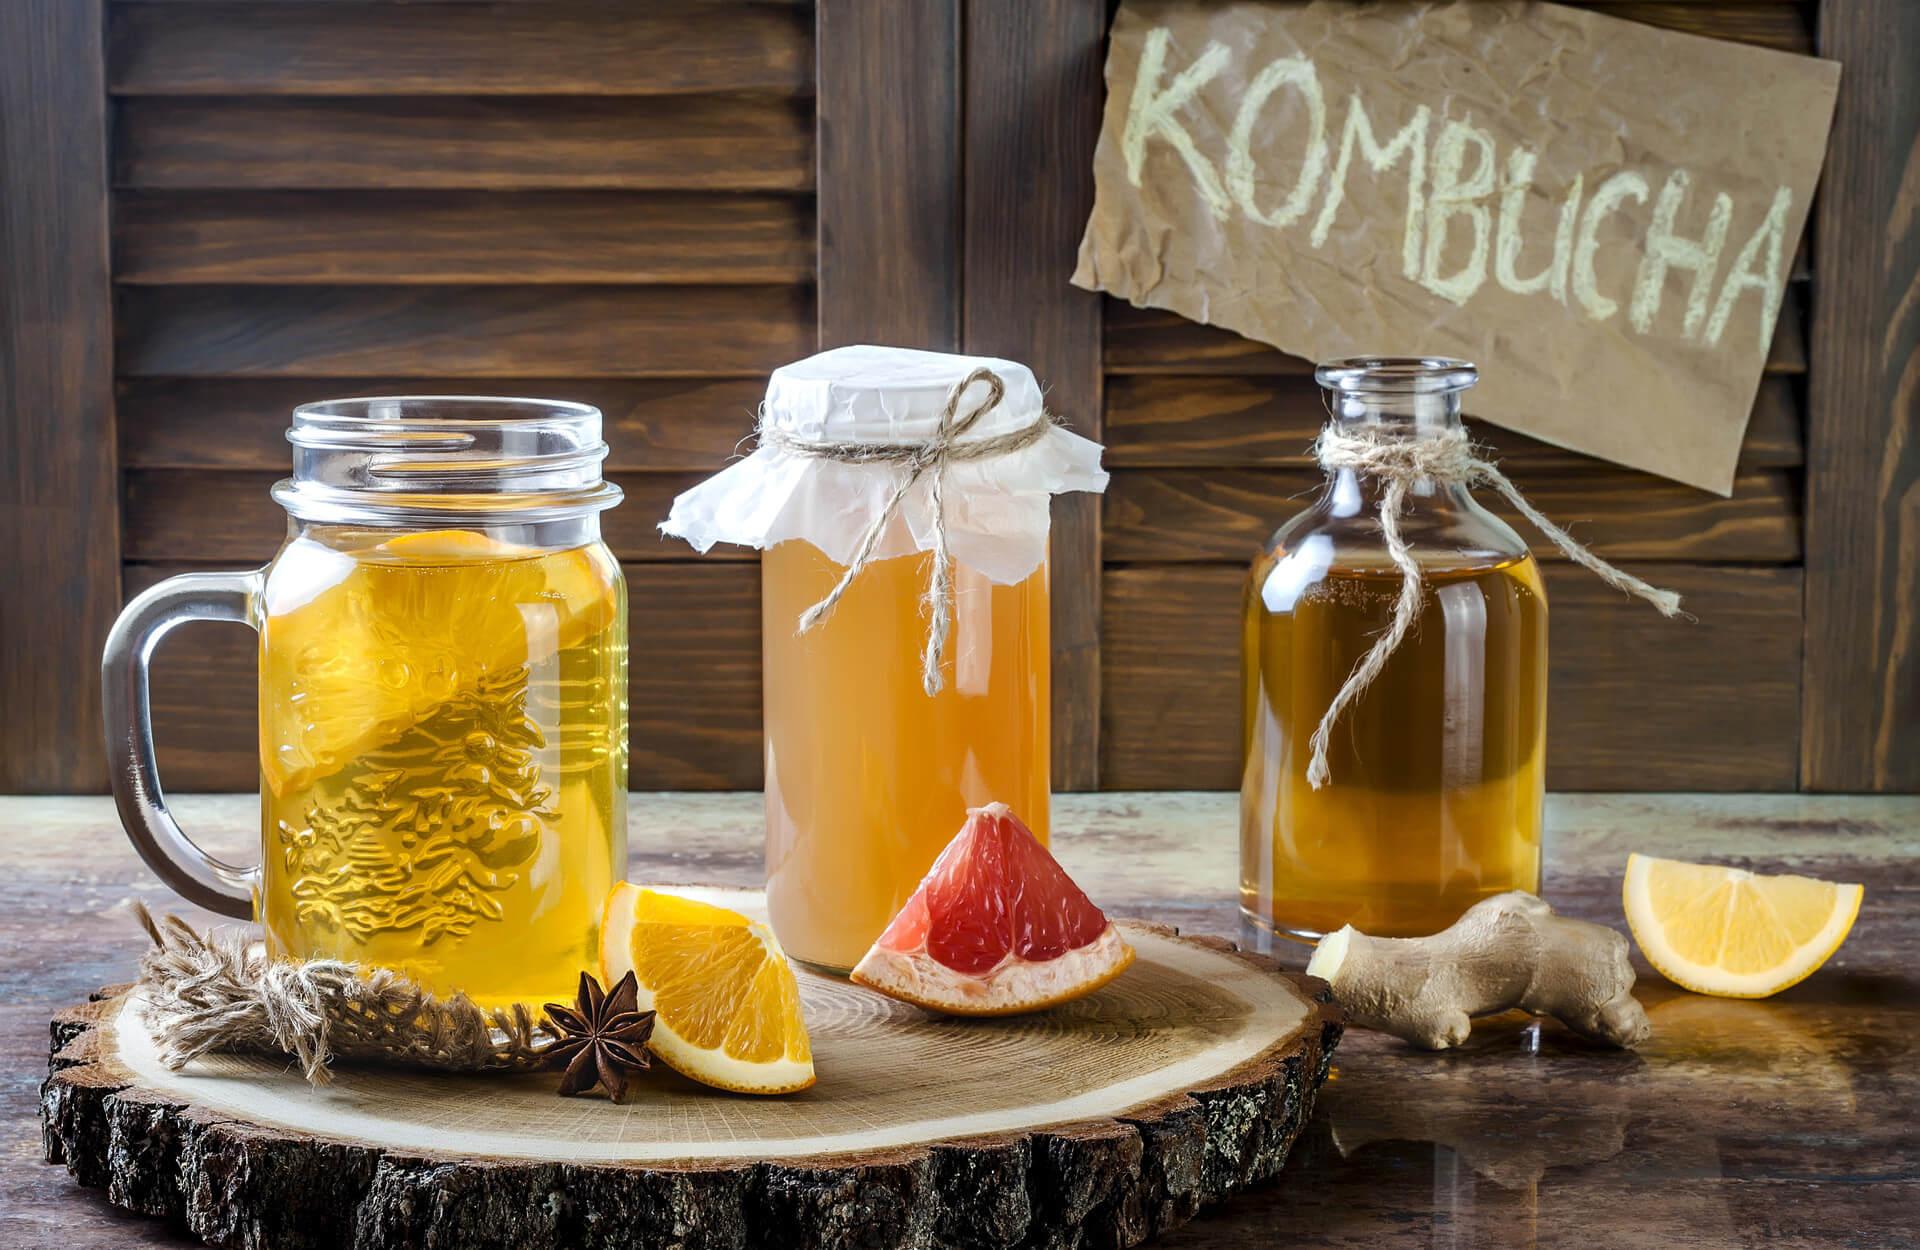 Der Teepilz Kombucha hat eine heilende Wirkung auf den Darm. Fakten und ein Erfahrungsbericht findet ihr in diesem Artikel.